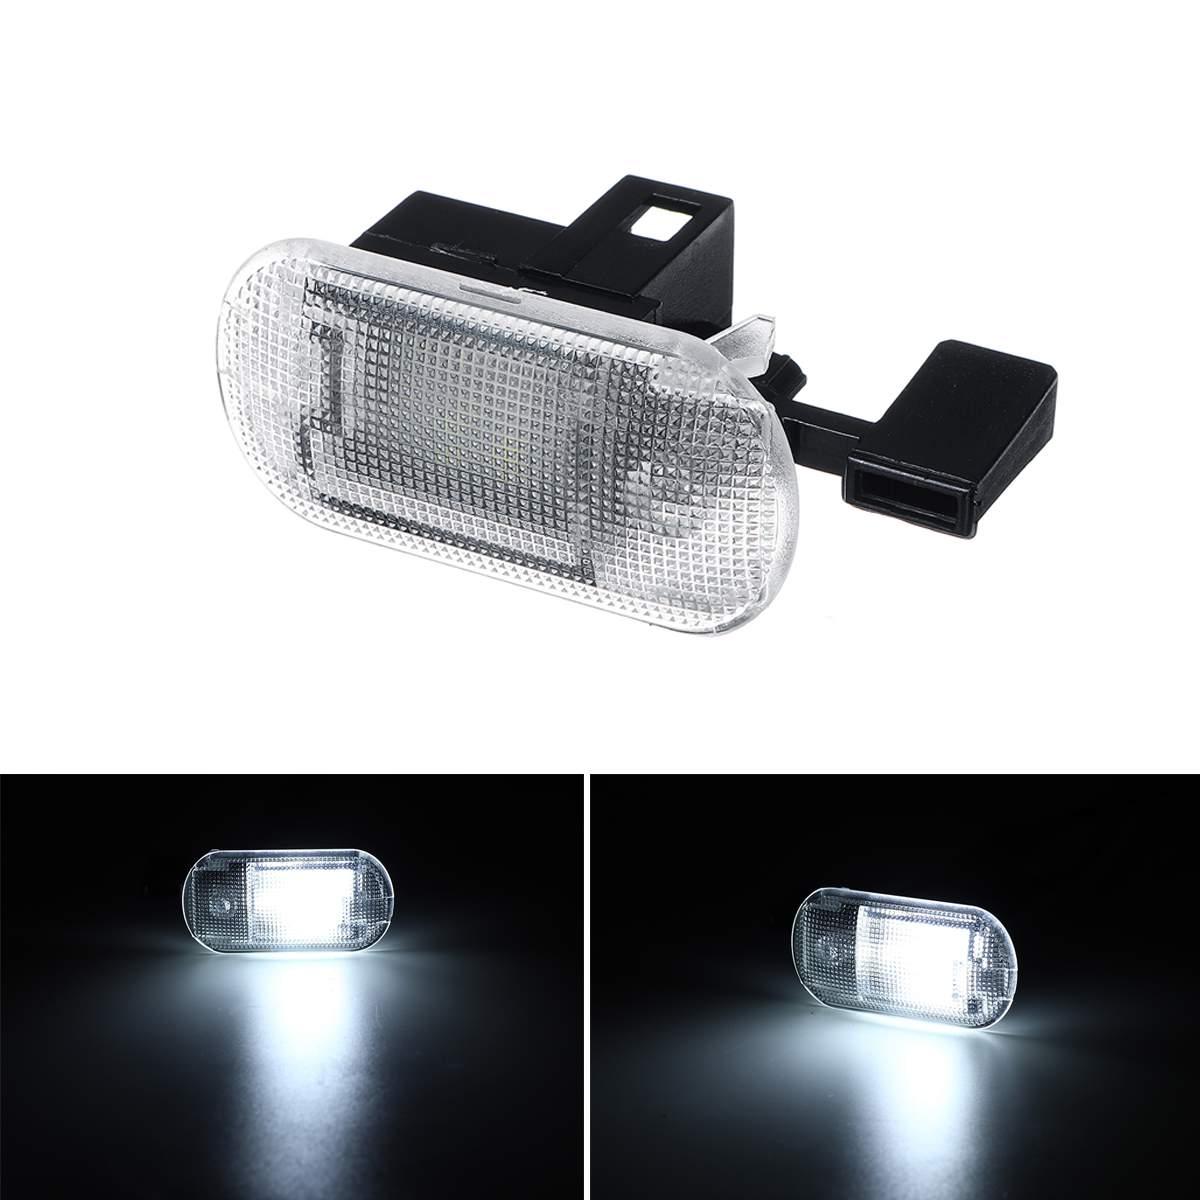 СВЕТОДИОДНЫЙ Автомобильный подсветки перчаточного ящика светильник отсек для хранения светильник для VW Golf Mk4 камера Bora Touran Toua-reg Caddy Skoda Fabia ...